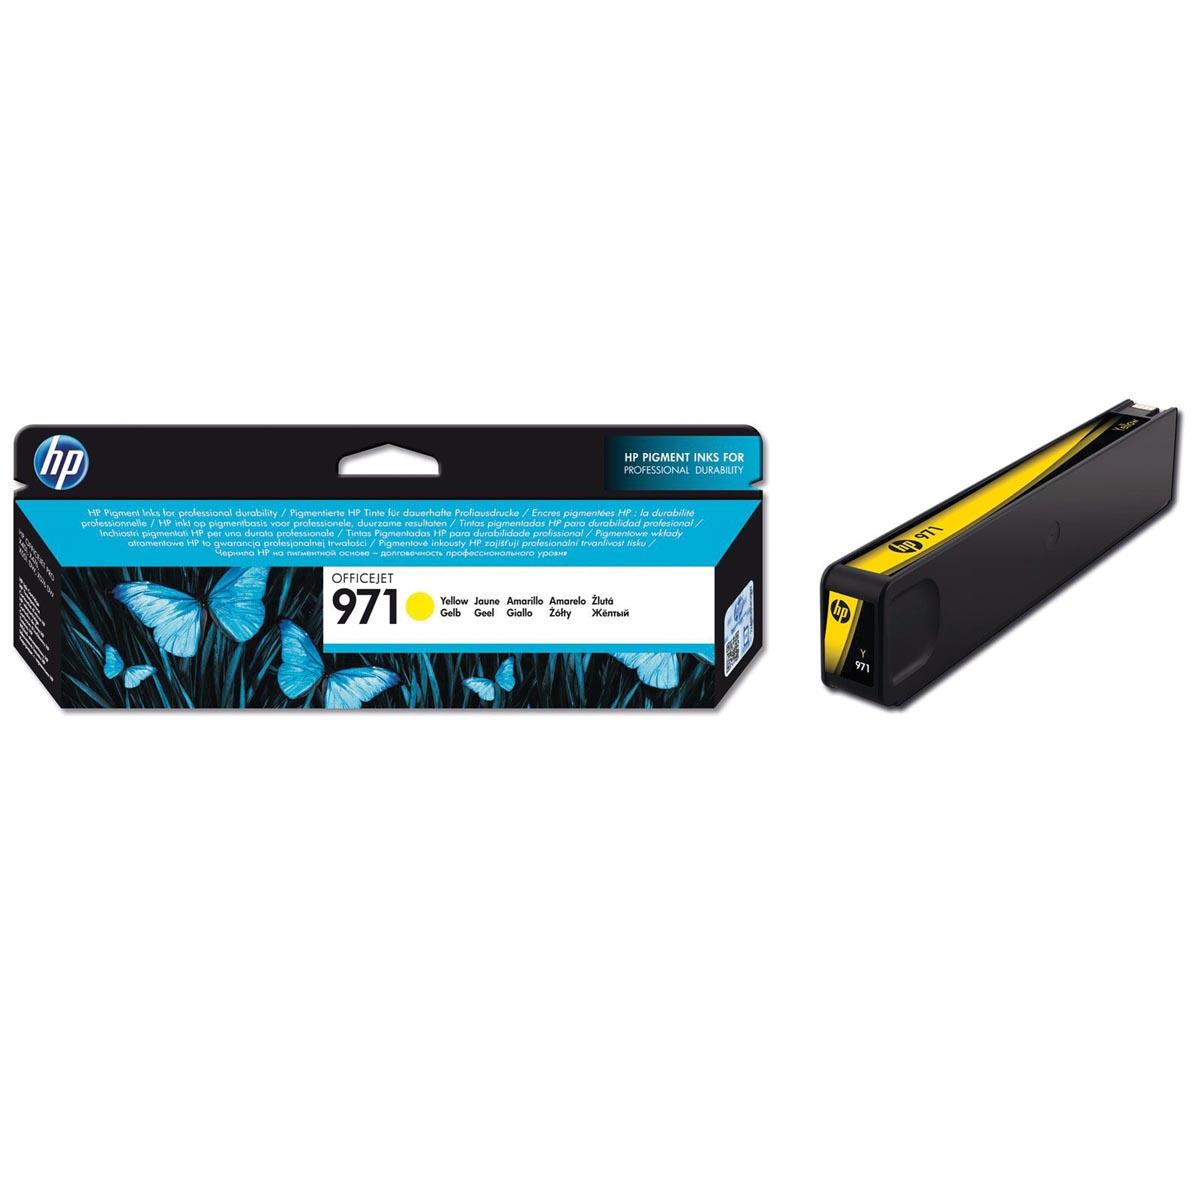 HP inktcartridge 971, 2 500 paginas, OEM CN624AE, geel